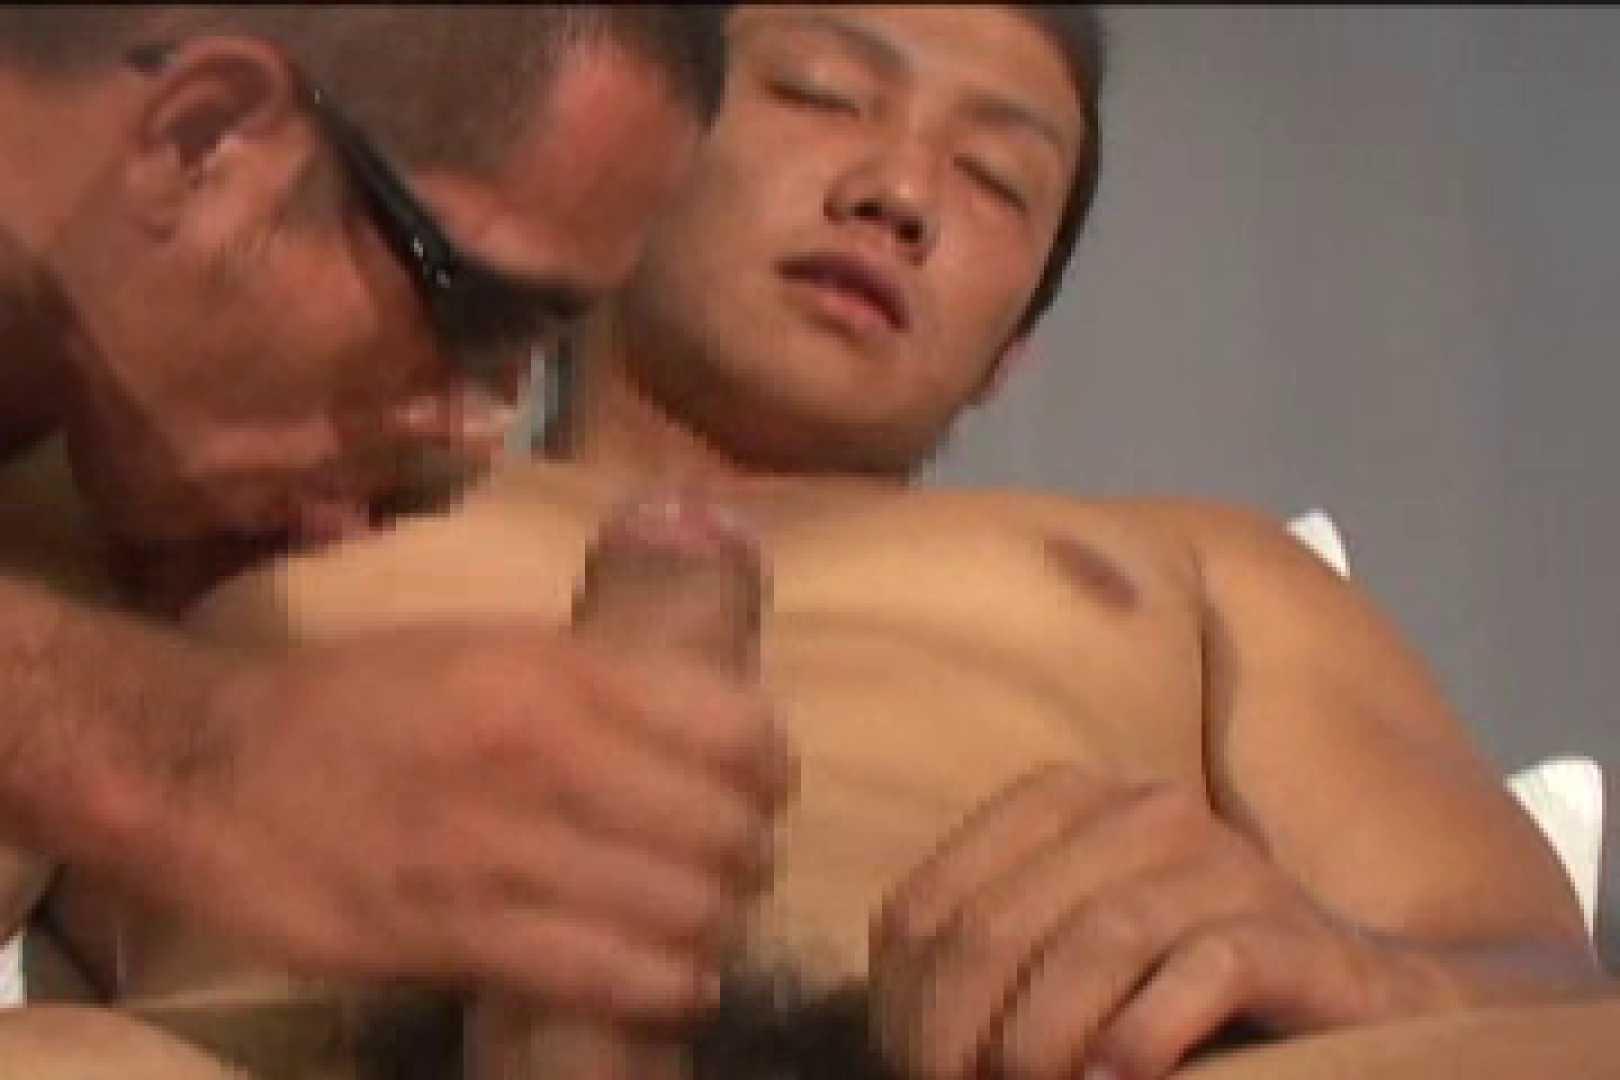 スポMENファック!!反り勃つ男根!!vol.4 裸 ゲイザーメン画像 69枚 44